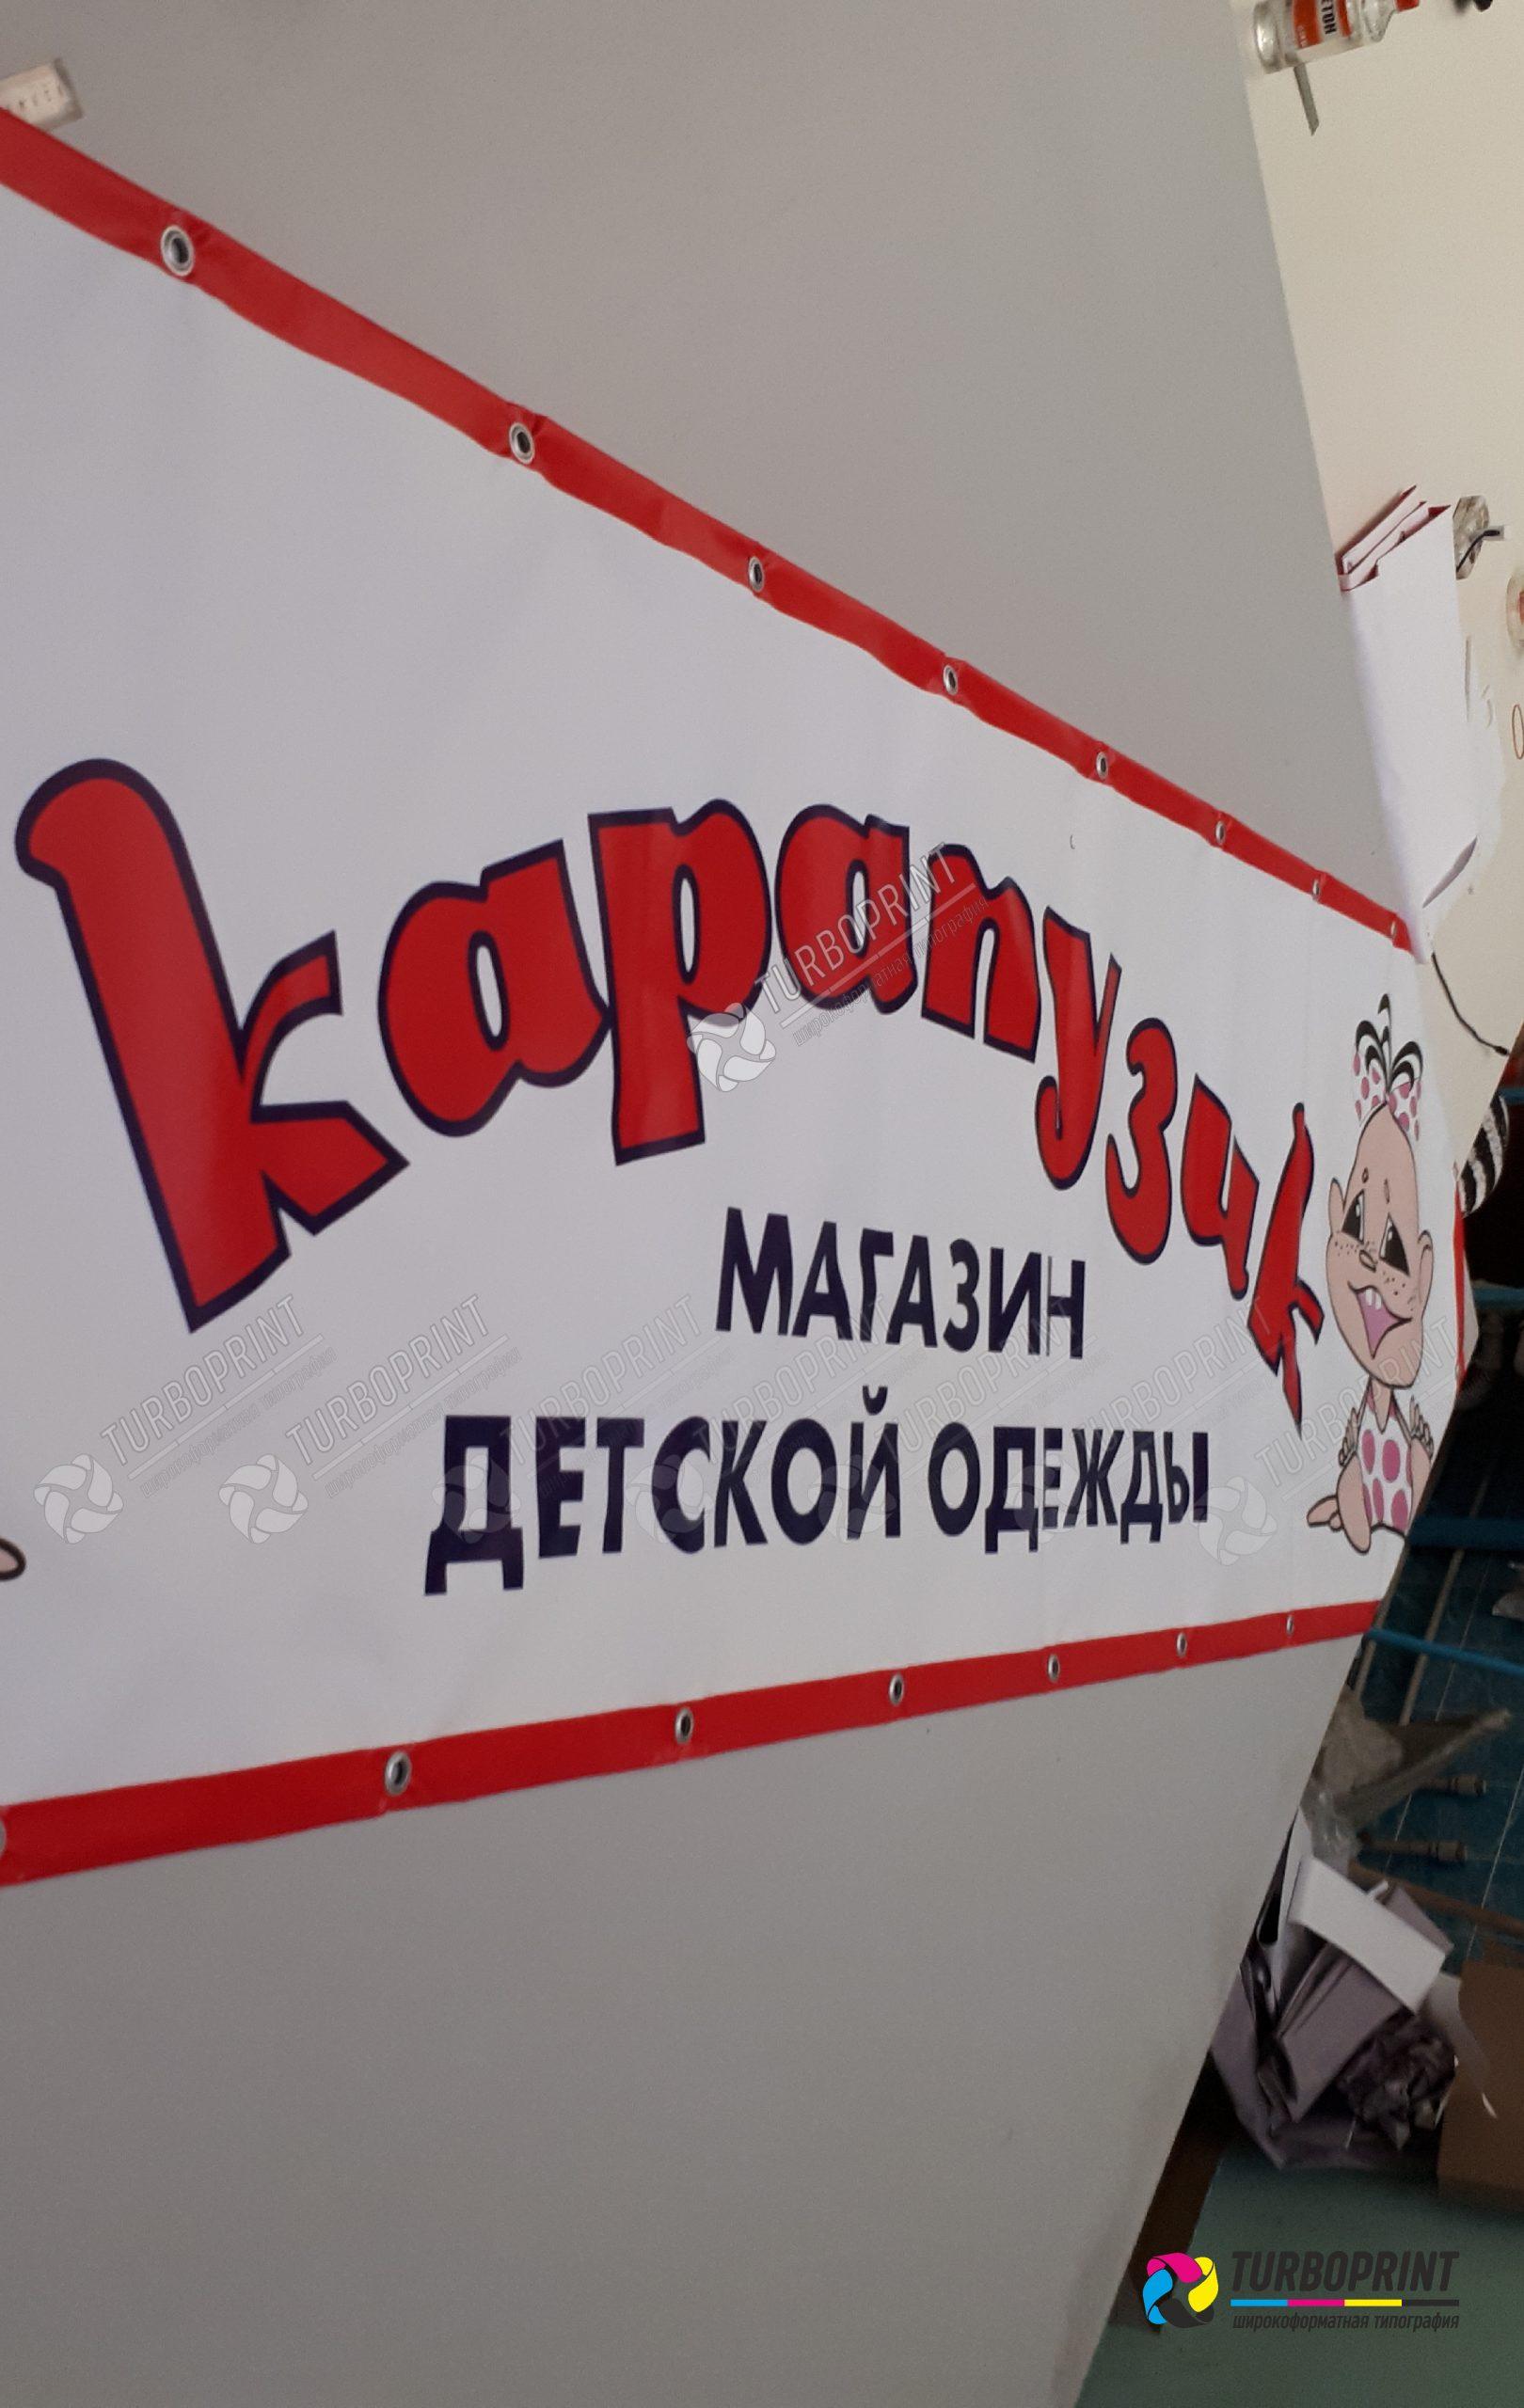 banner-dlya-magazina-detskoj-odezhdy-sevastopol